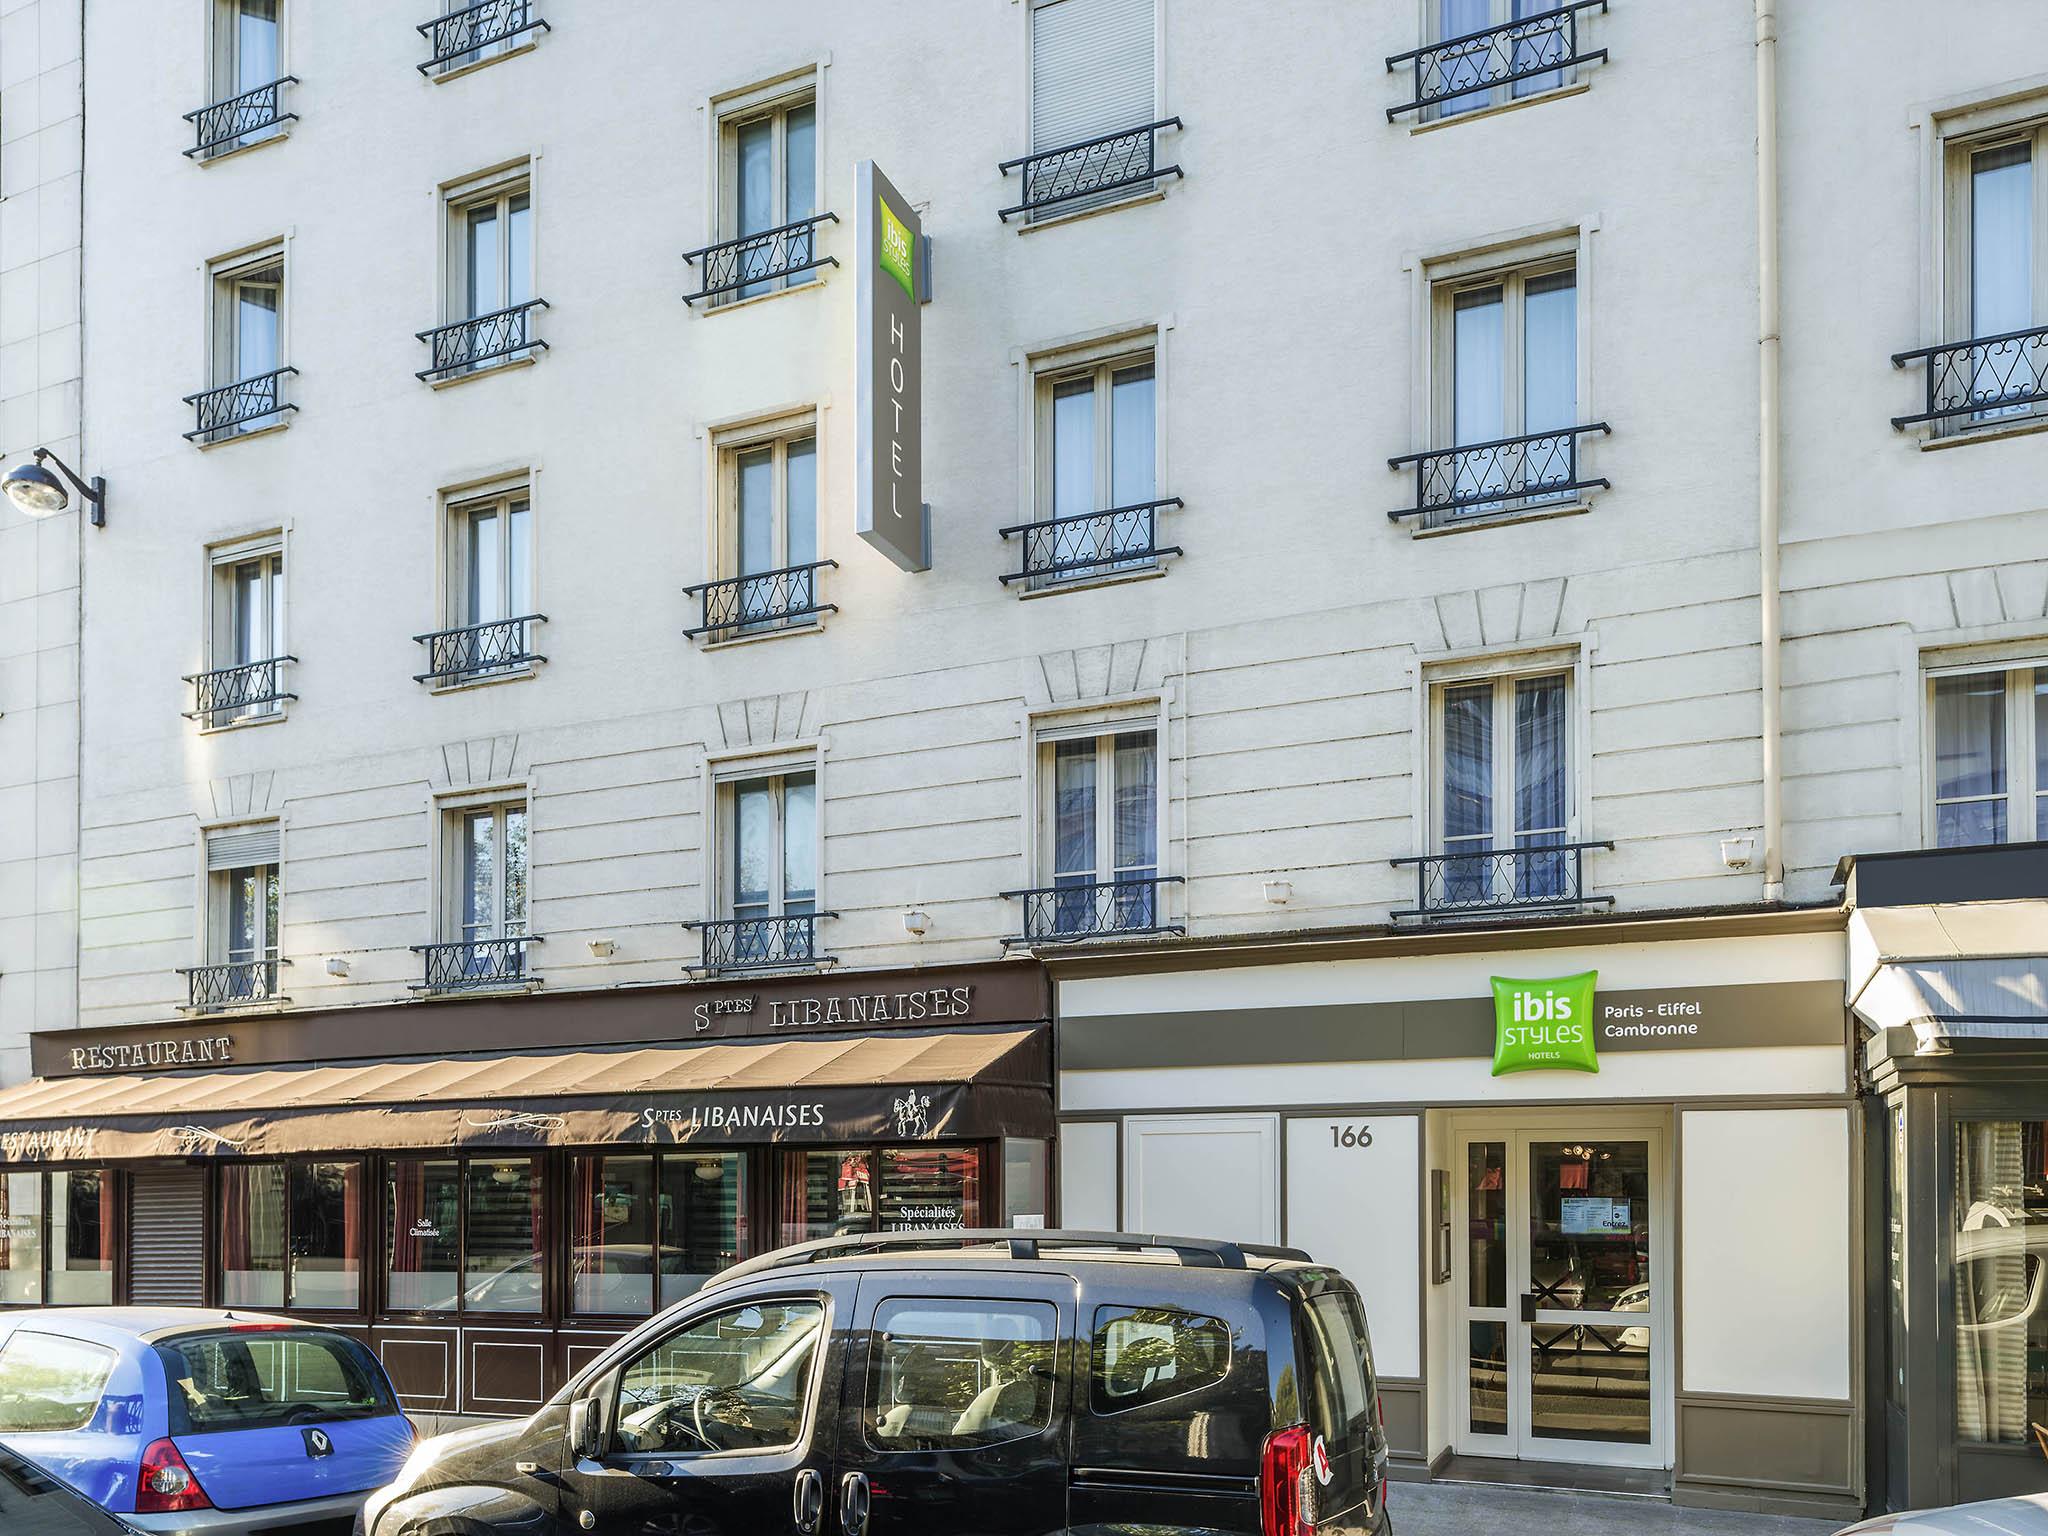 Ibis Eiffel Cambronne Hotel Paris